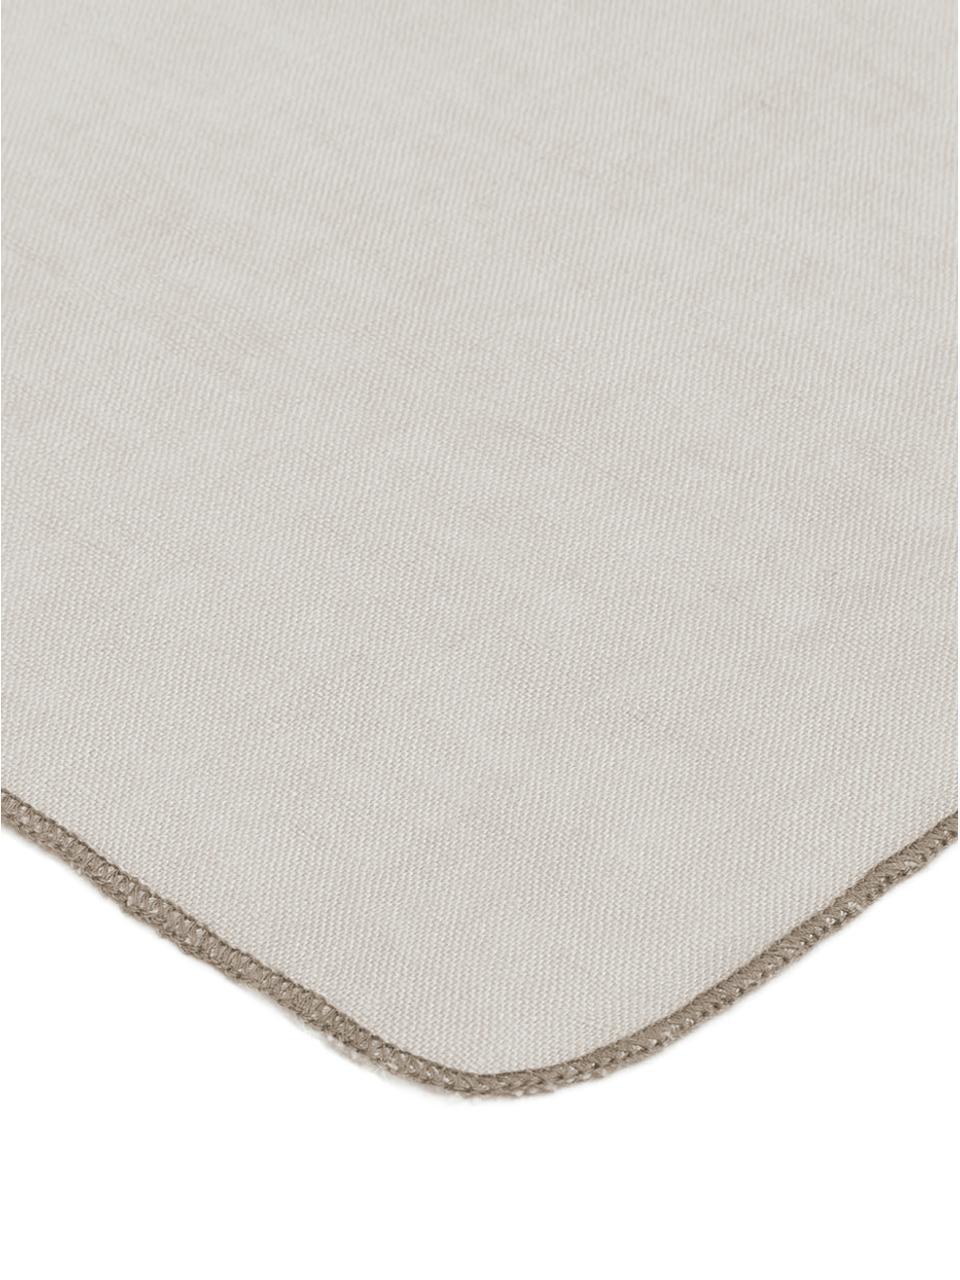 Linnen servetten Gracie, 2 stuks, Natuurlijk linnen, Grijs, 45 x 45 cm